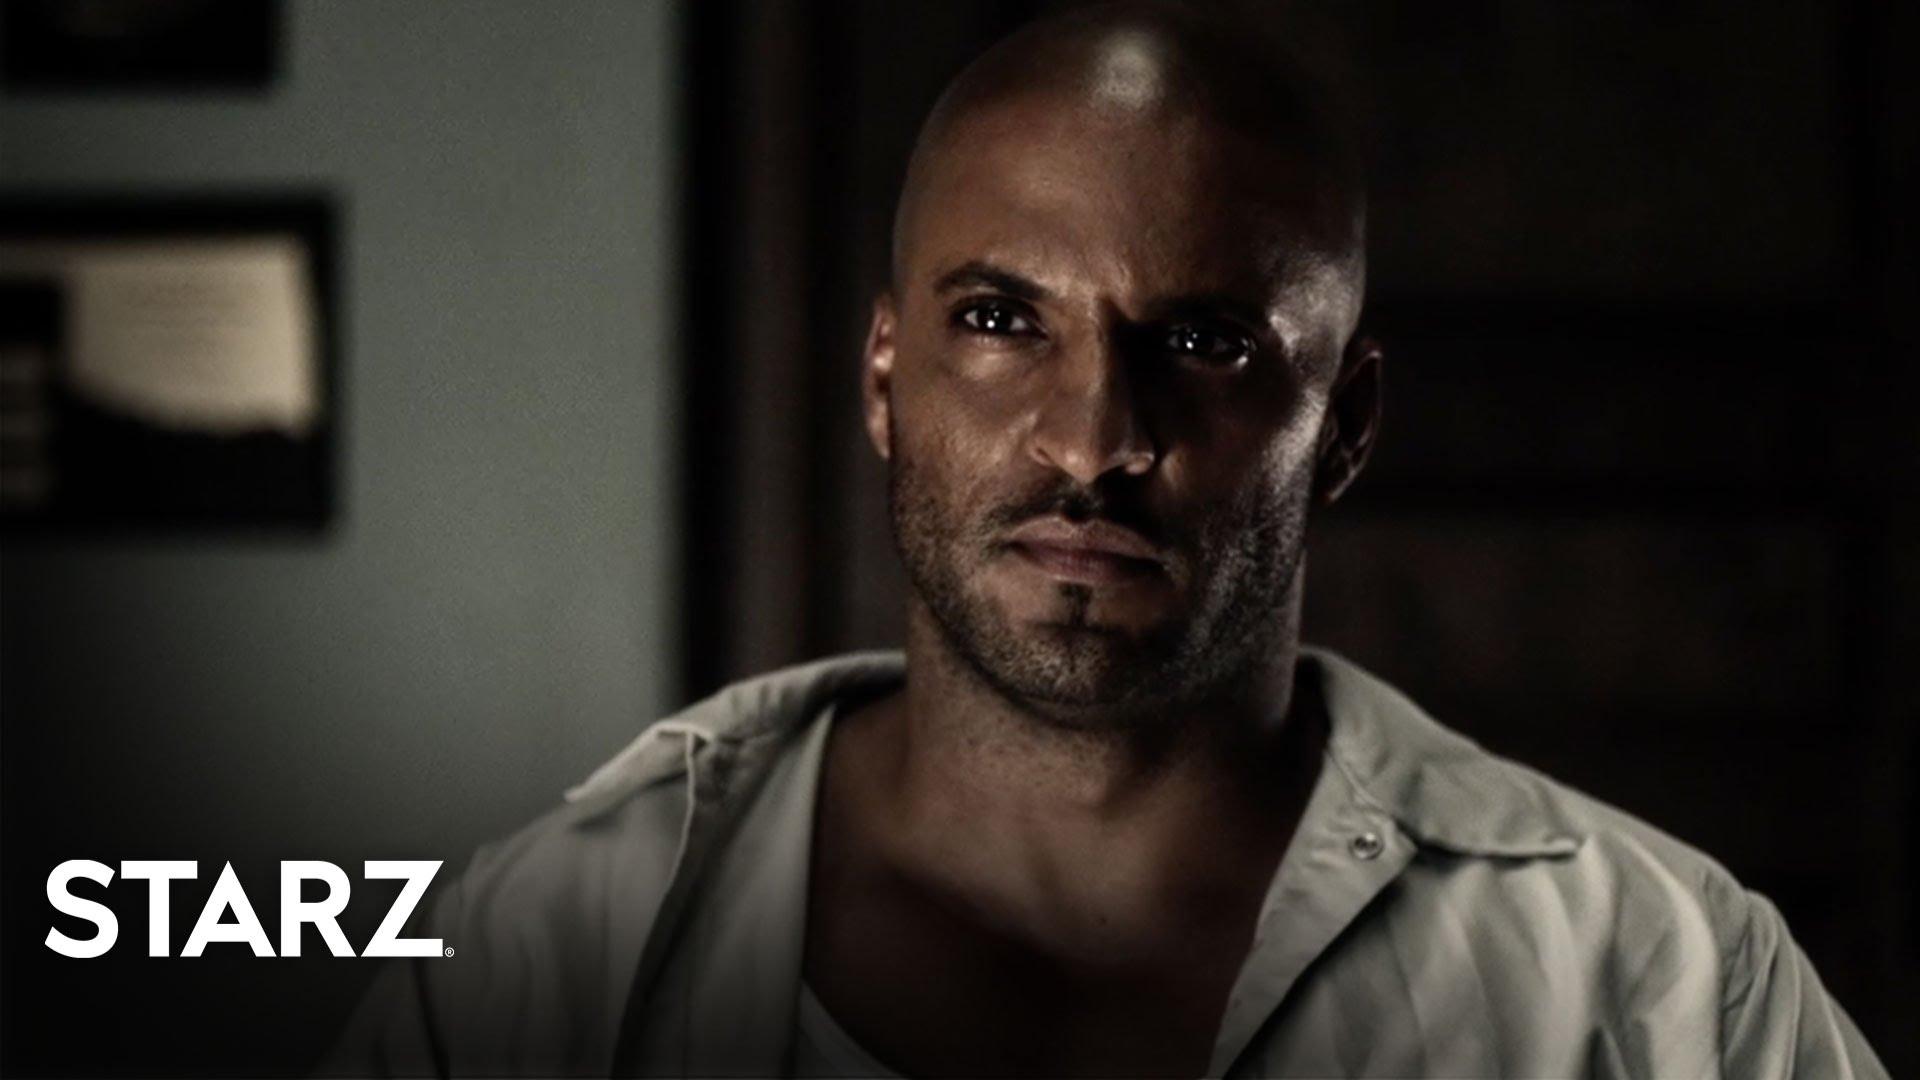 Straz objavio prvi trailer predstojeće serije 'American Gods'